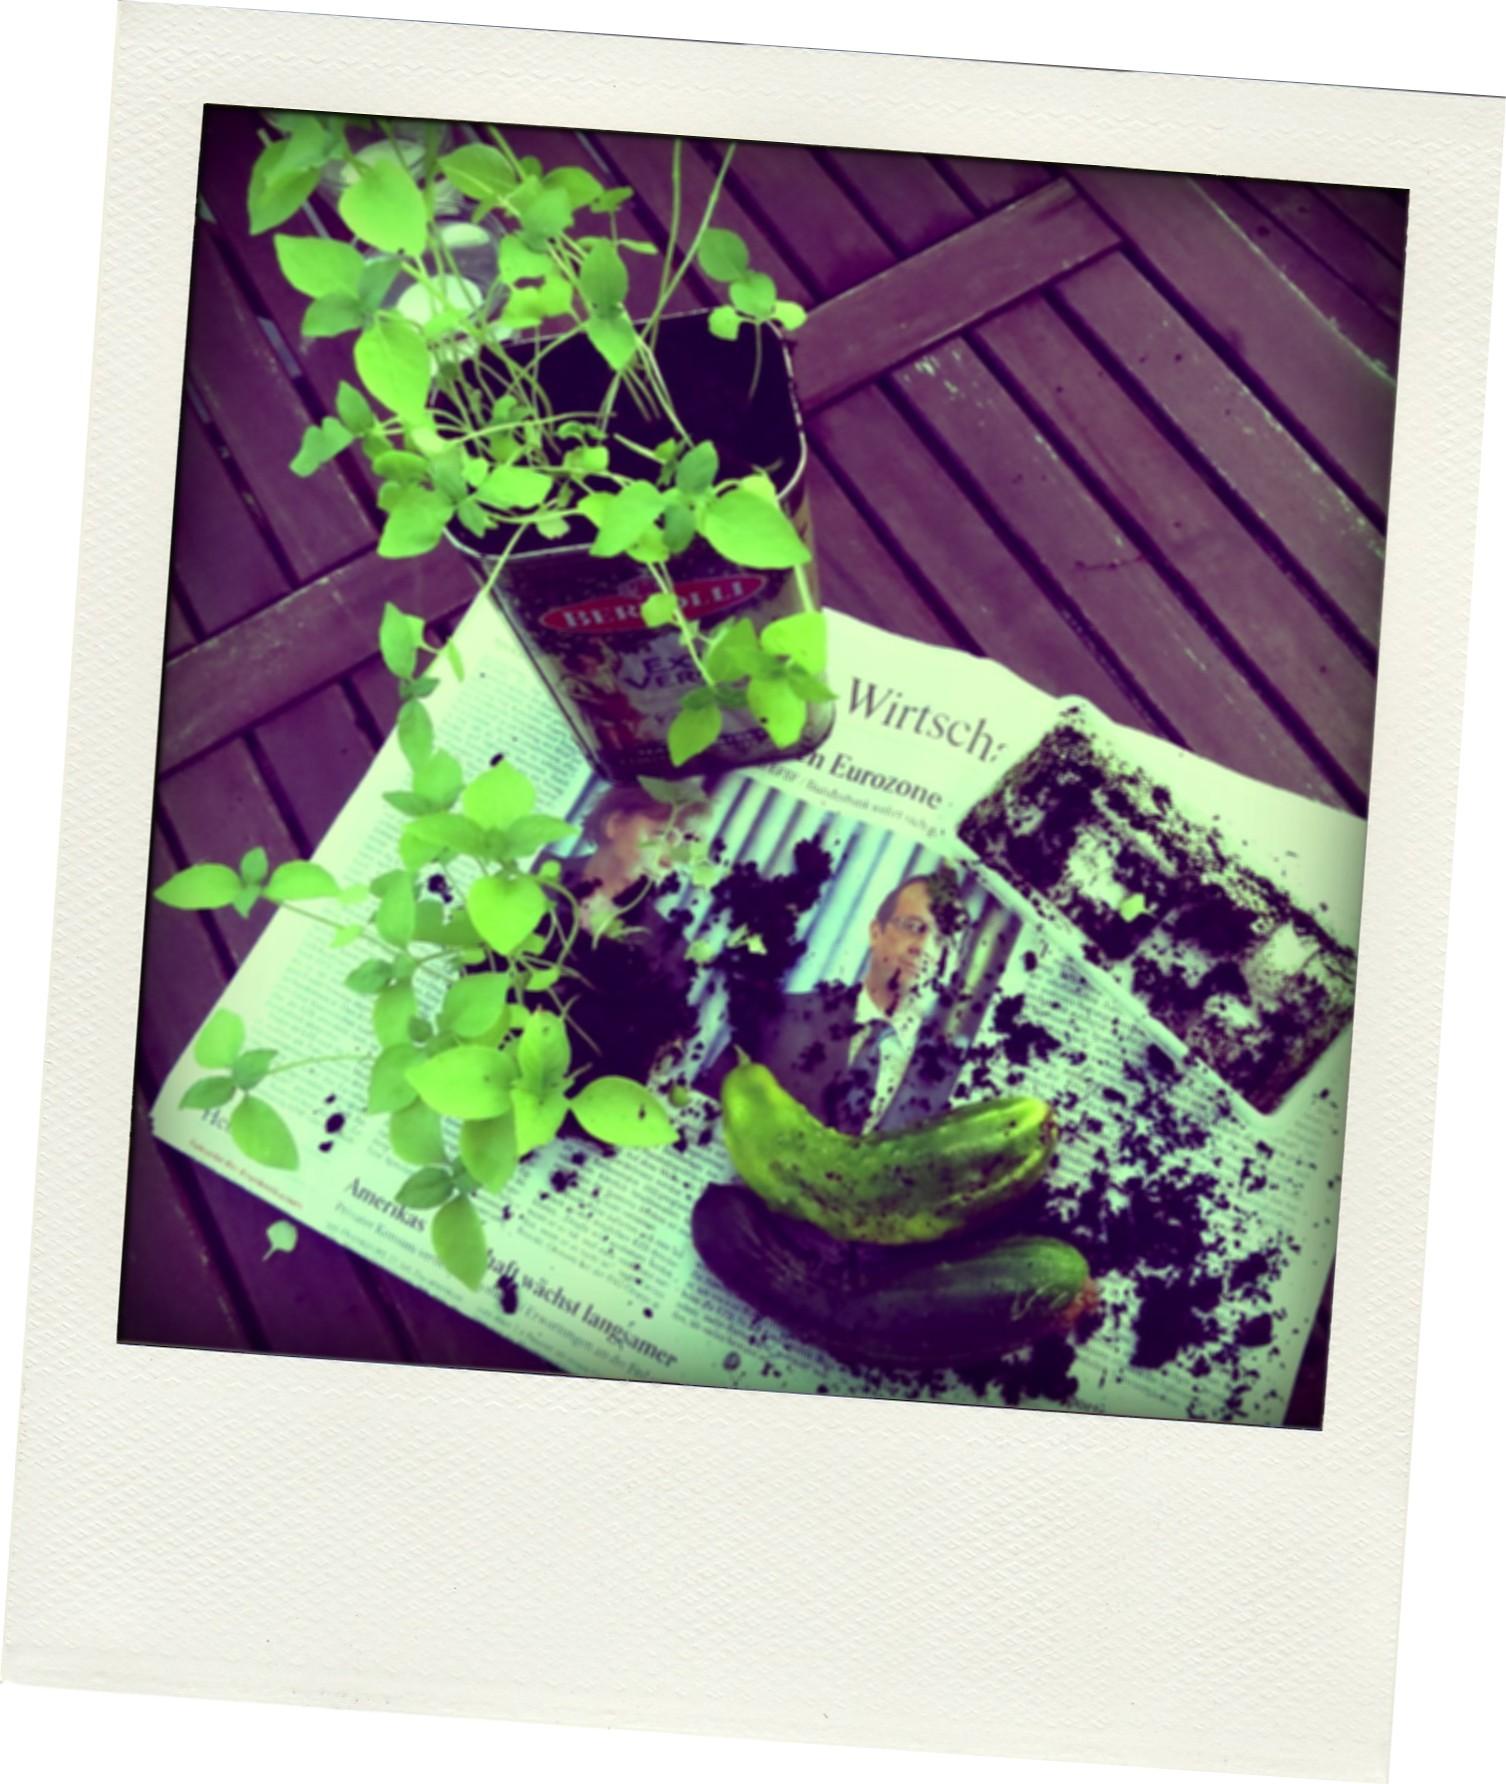 Liebe mitb rger und mitb rgerinnen dietauschlade - Candide il faut cultiver notre jardin ...